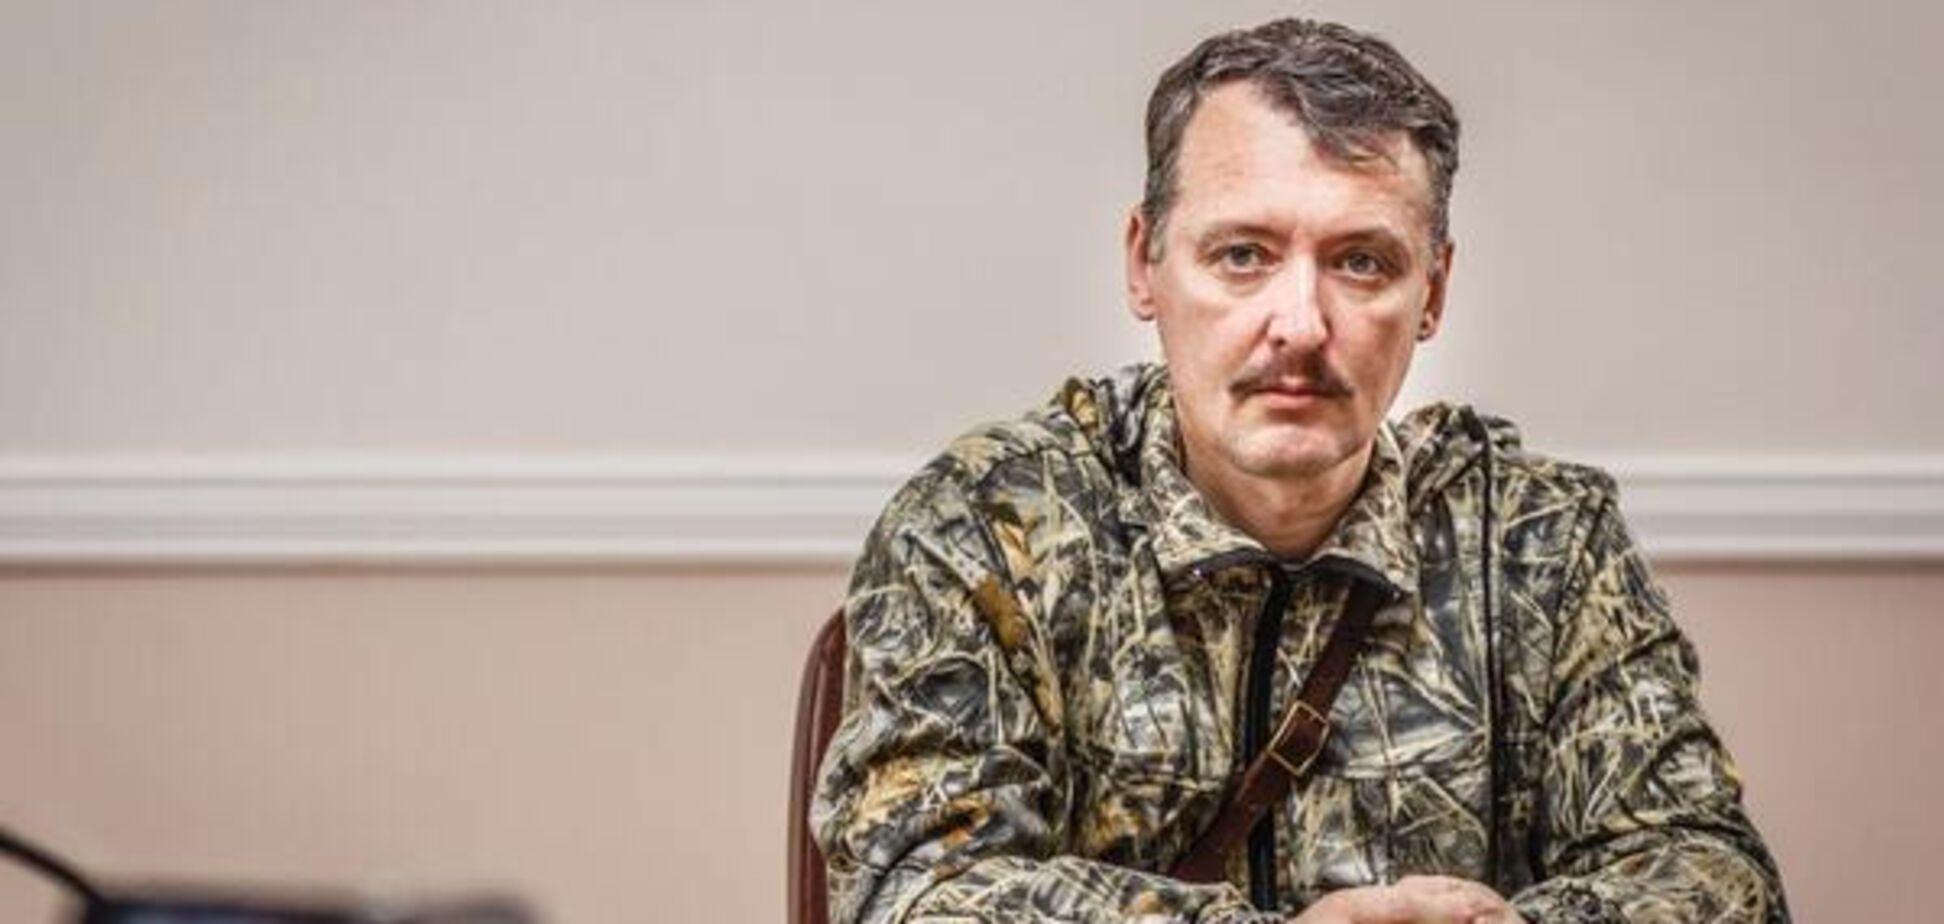 Ігор Стрєлков (Гиркин)